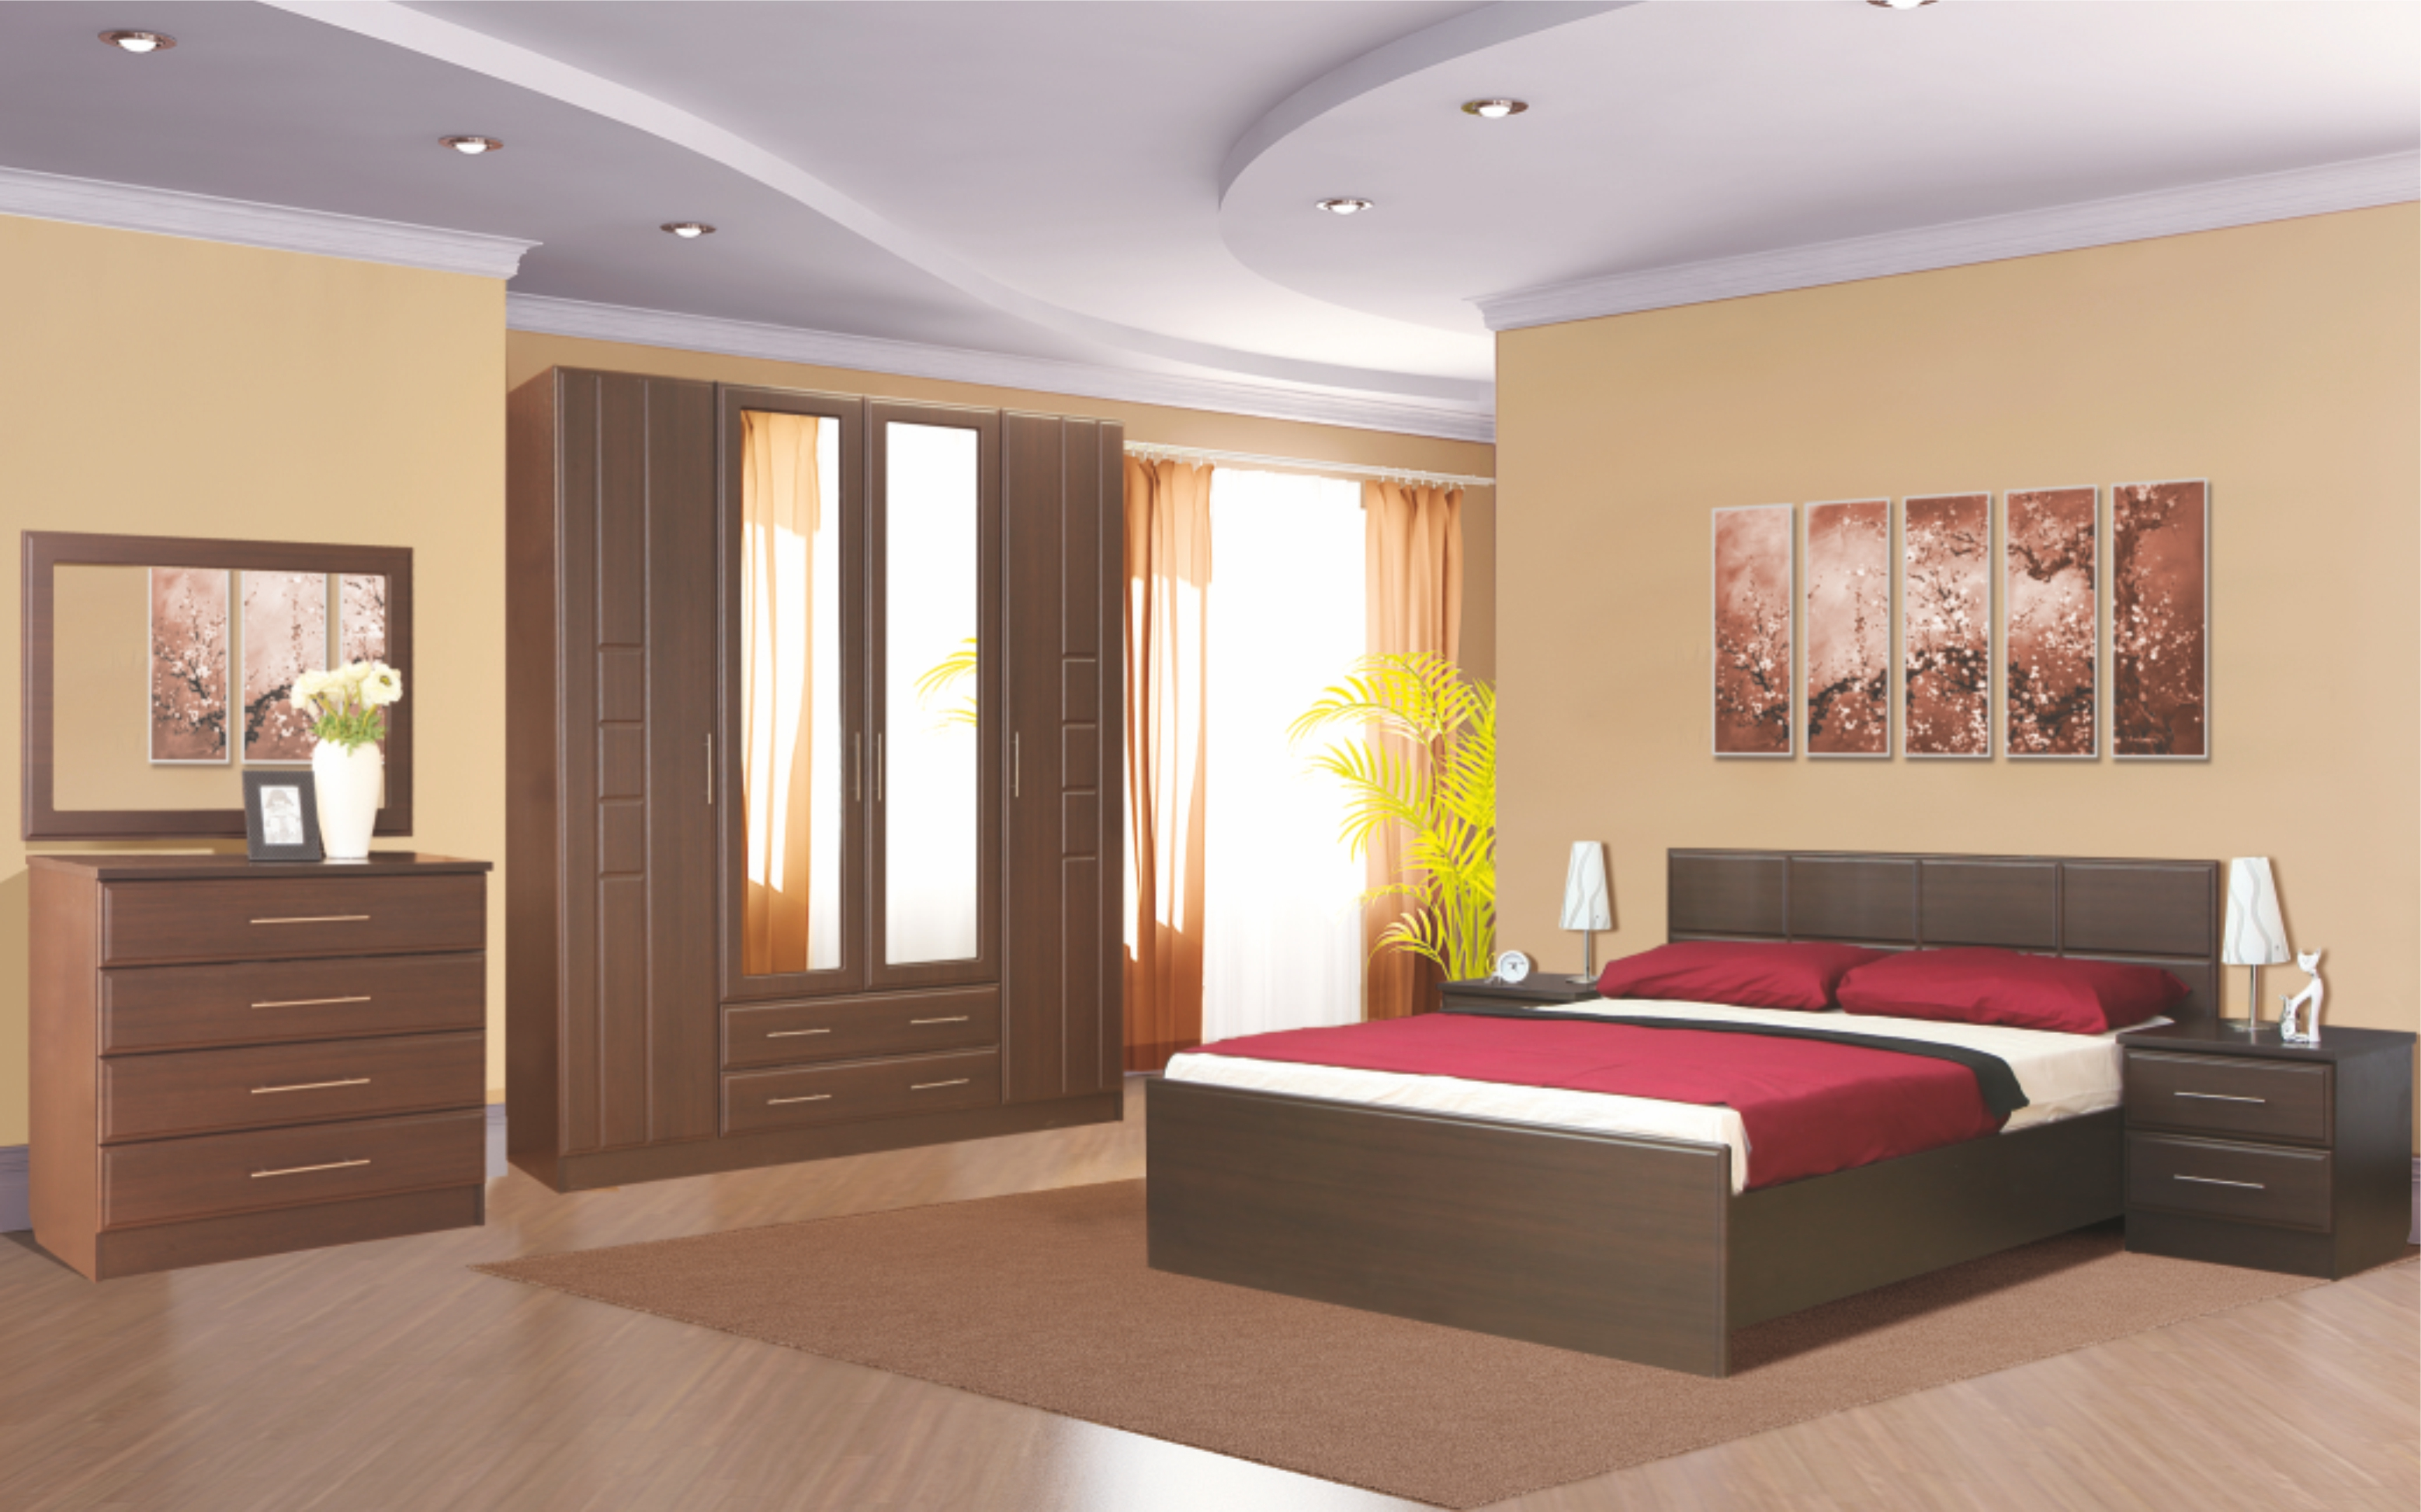 """Спальня """"Палермо"""" (Венге/Венге дуглас) дешево в Новосибирске — интернет-магазин мебели"""